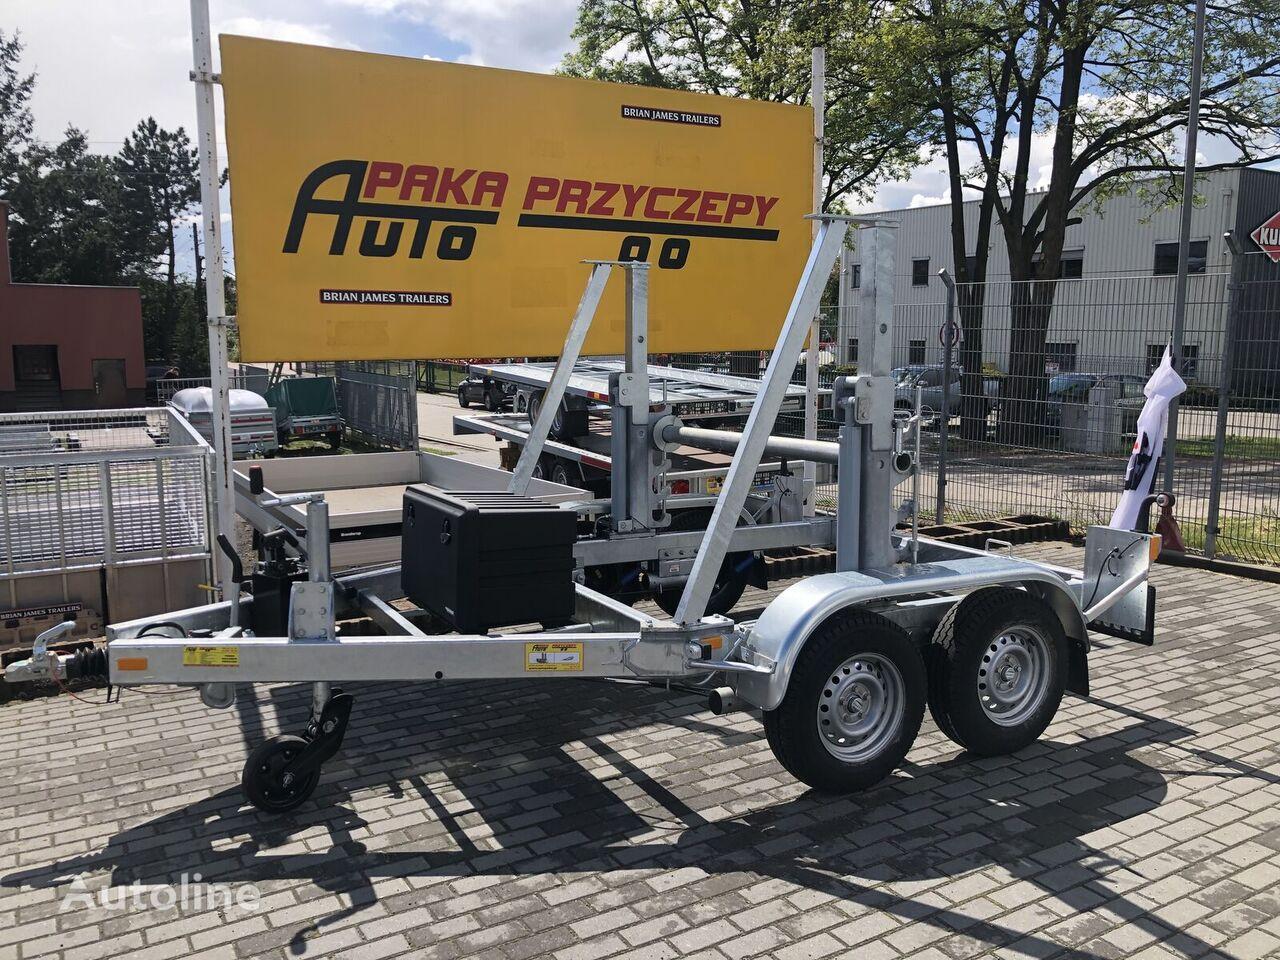 new KABLÓWKA KABLOWA DO KABLI HYDRAULICZNA DMC 3,0 t cable trailer